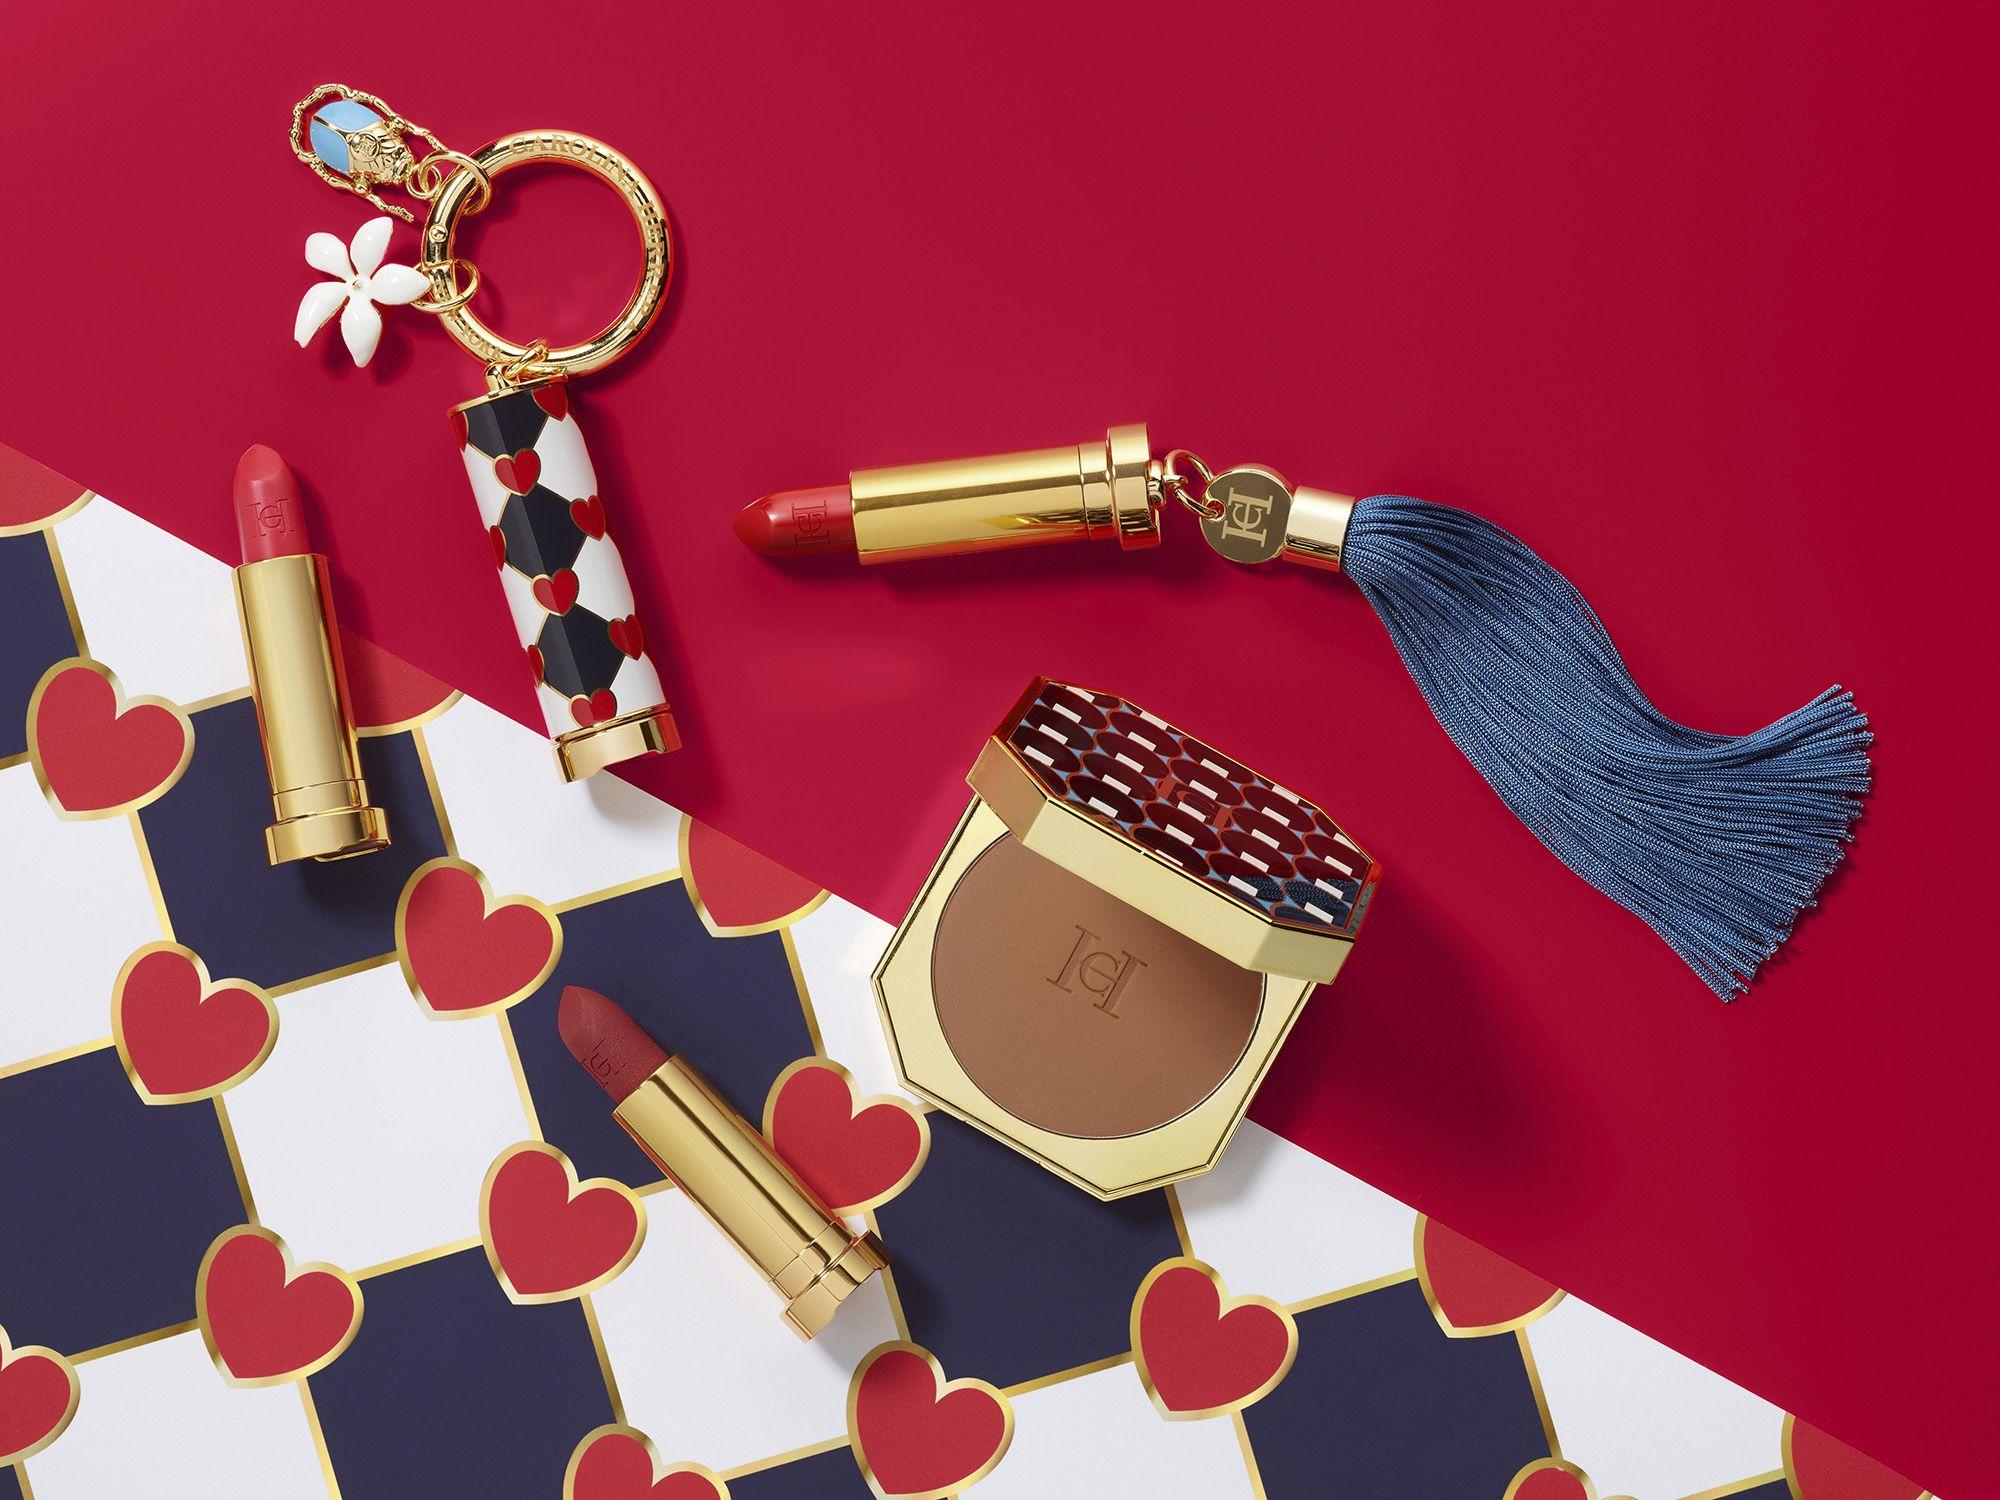 Colección de maquillaje de Carolina Herrera, cosméticos personalizables